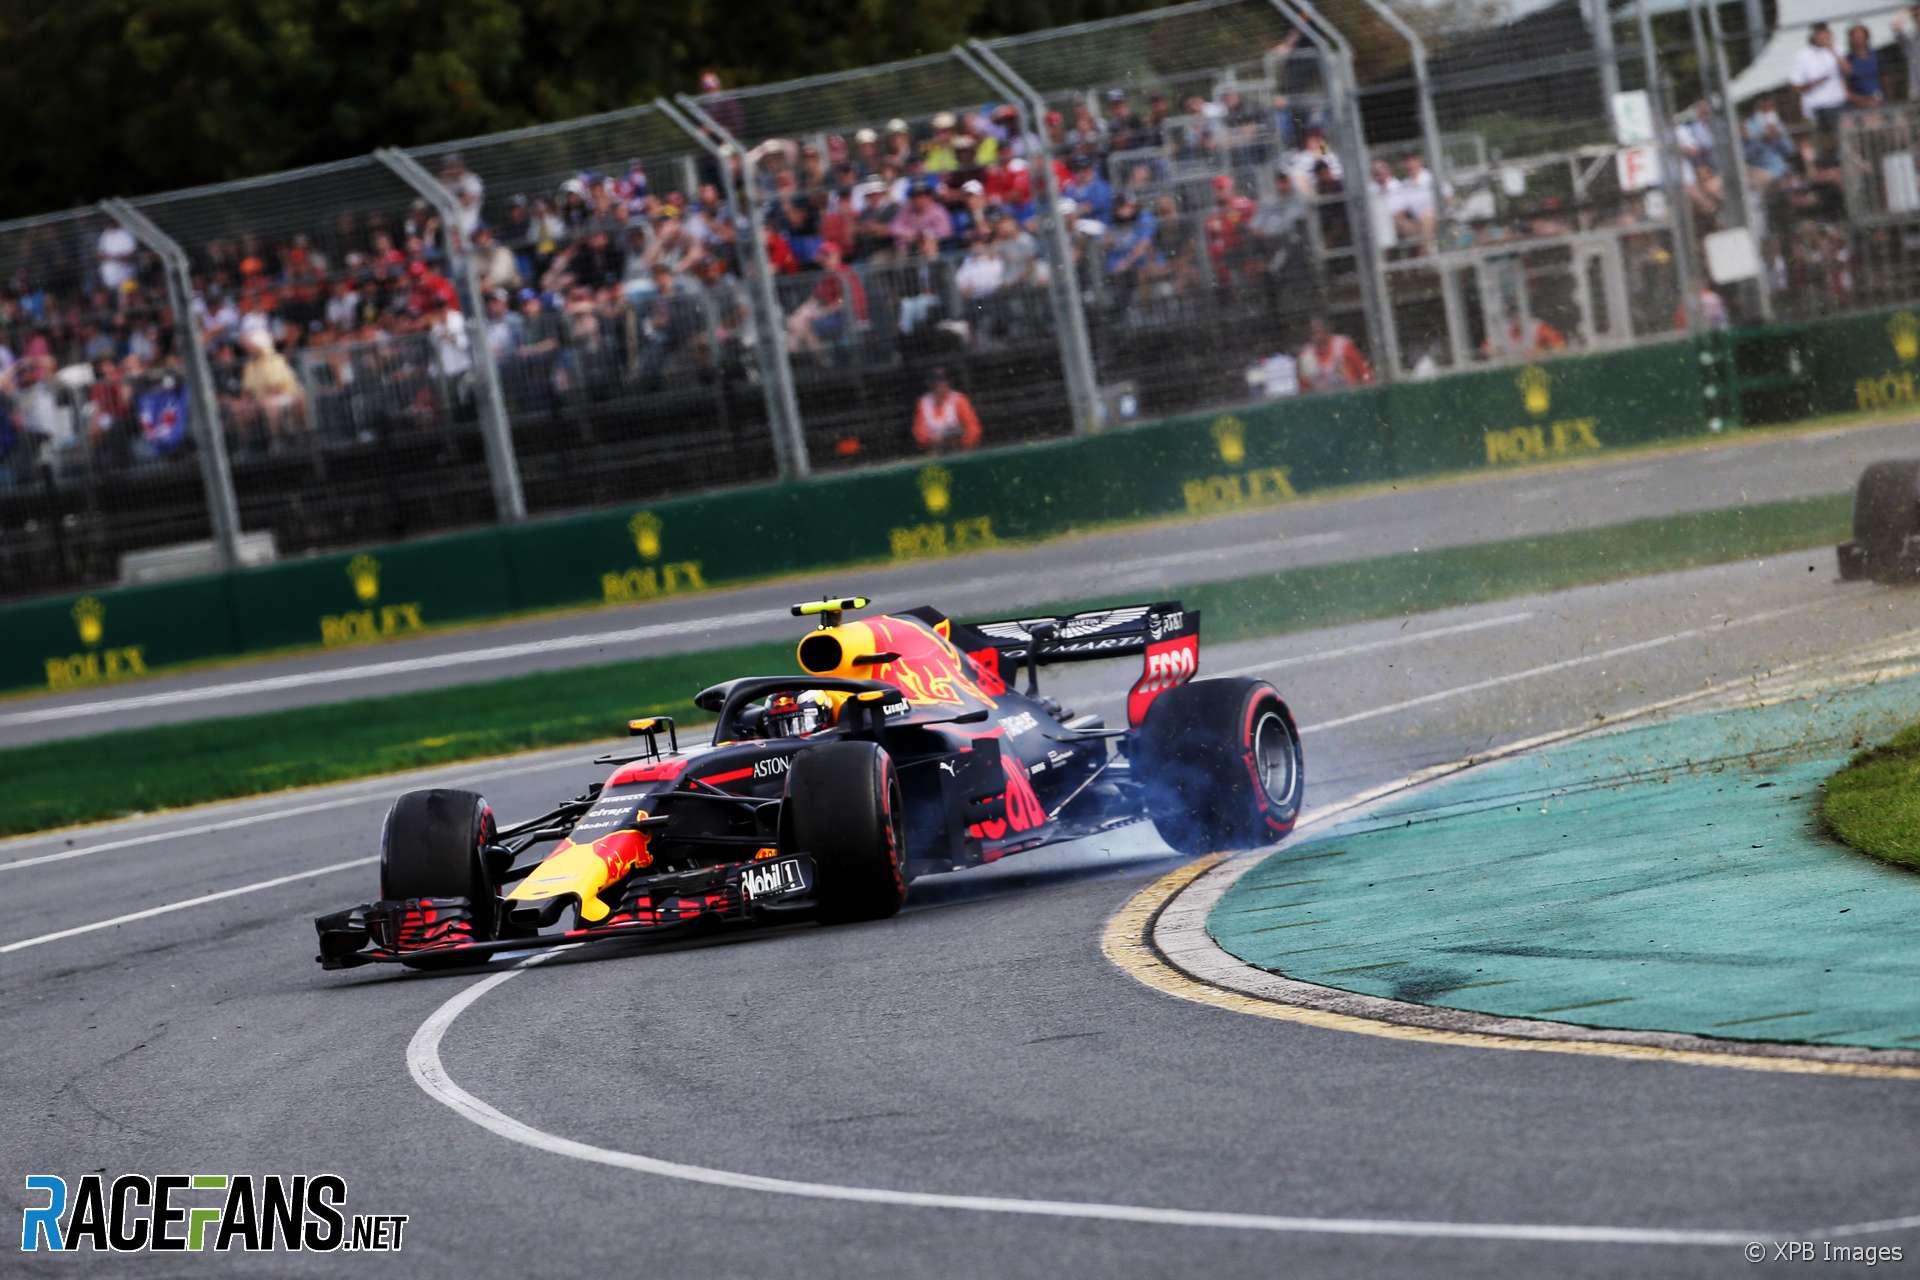 Max Verstappen, Red Bull, Albert Park, 2018